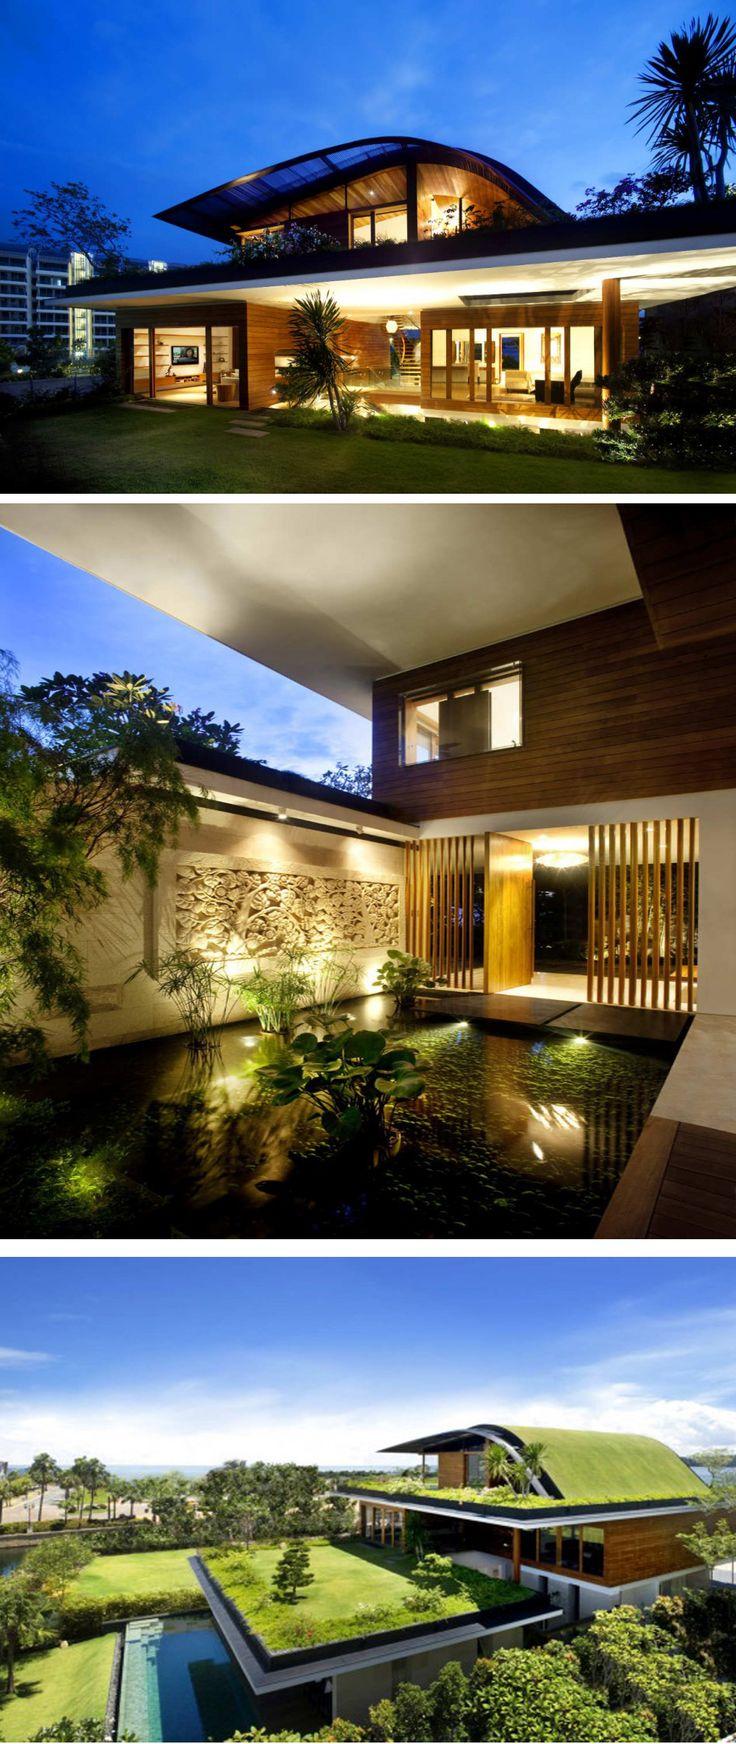 me gusta la idea de la sustentabilidad y los techos verdes, pero en esta obra, creo que se exagero con los espacios verdes